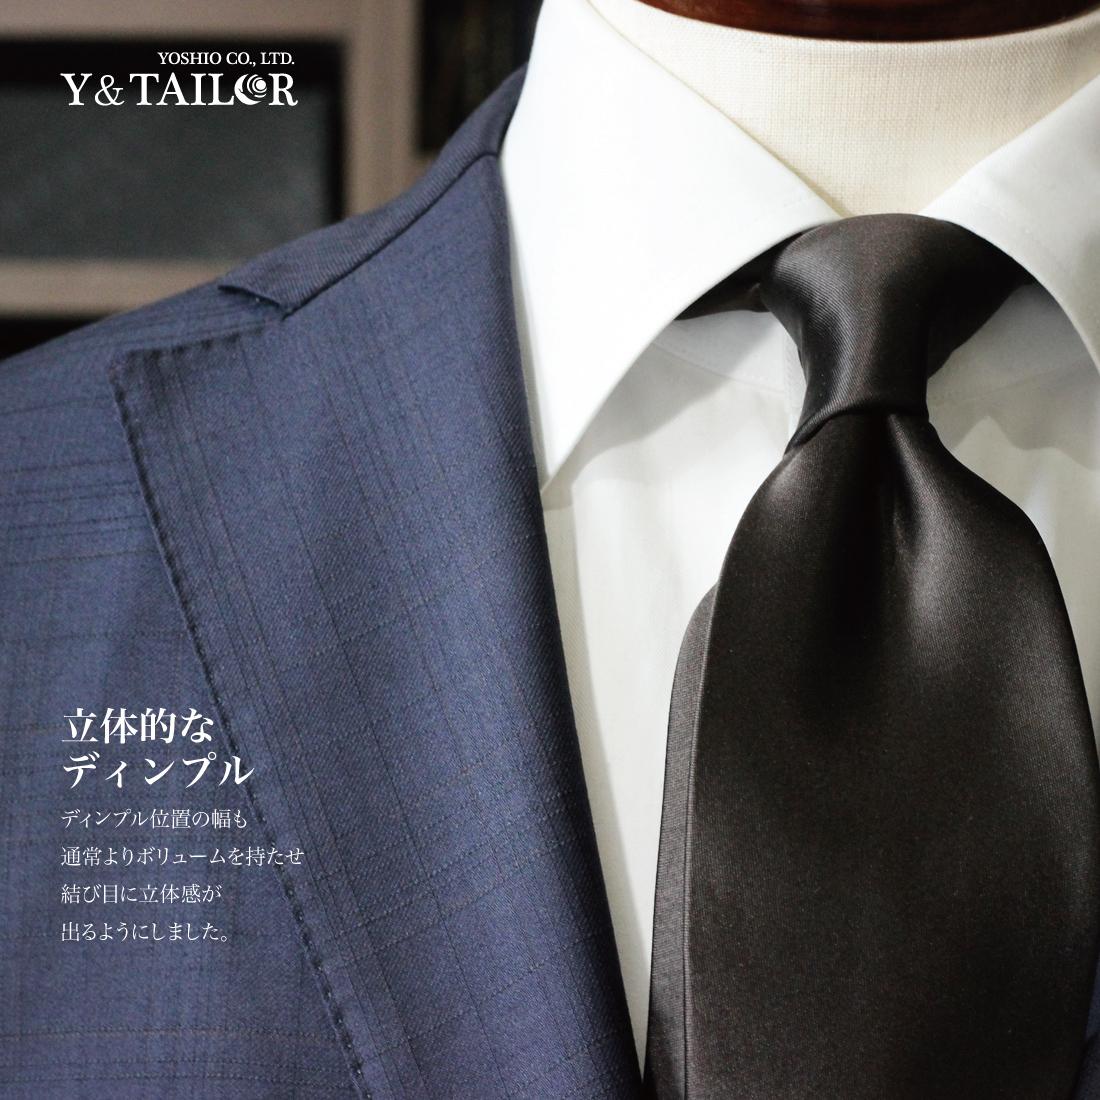 ネクタイ シルク サテン ディープカラー 2colors